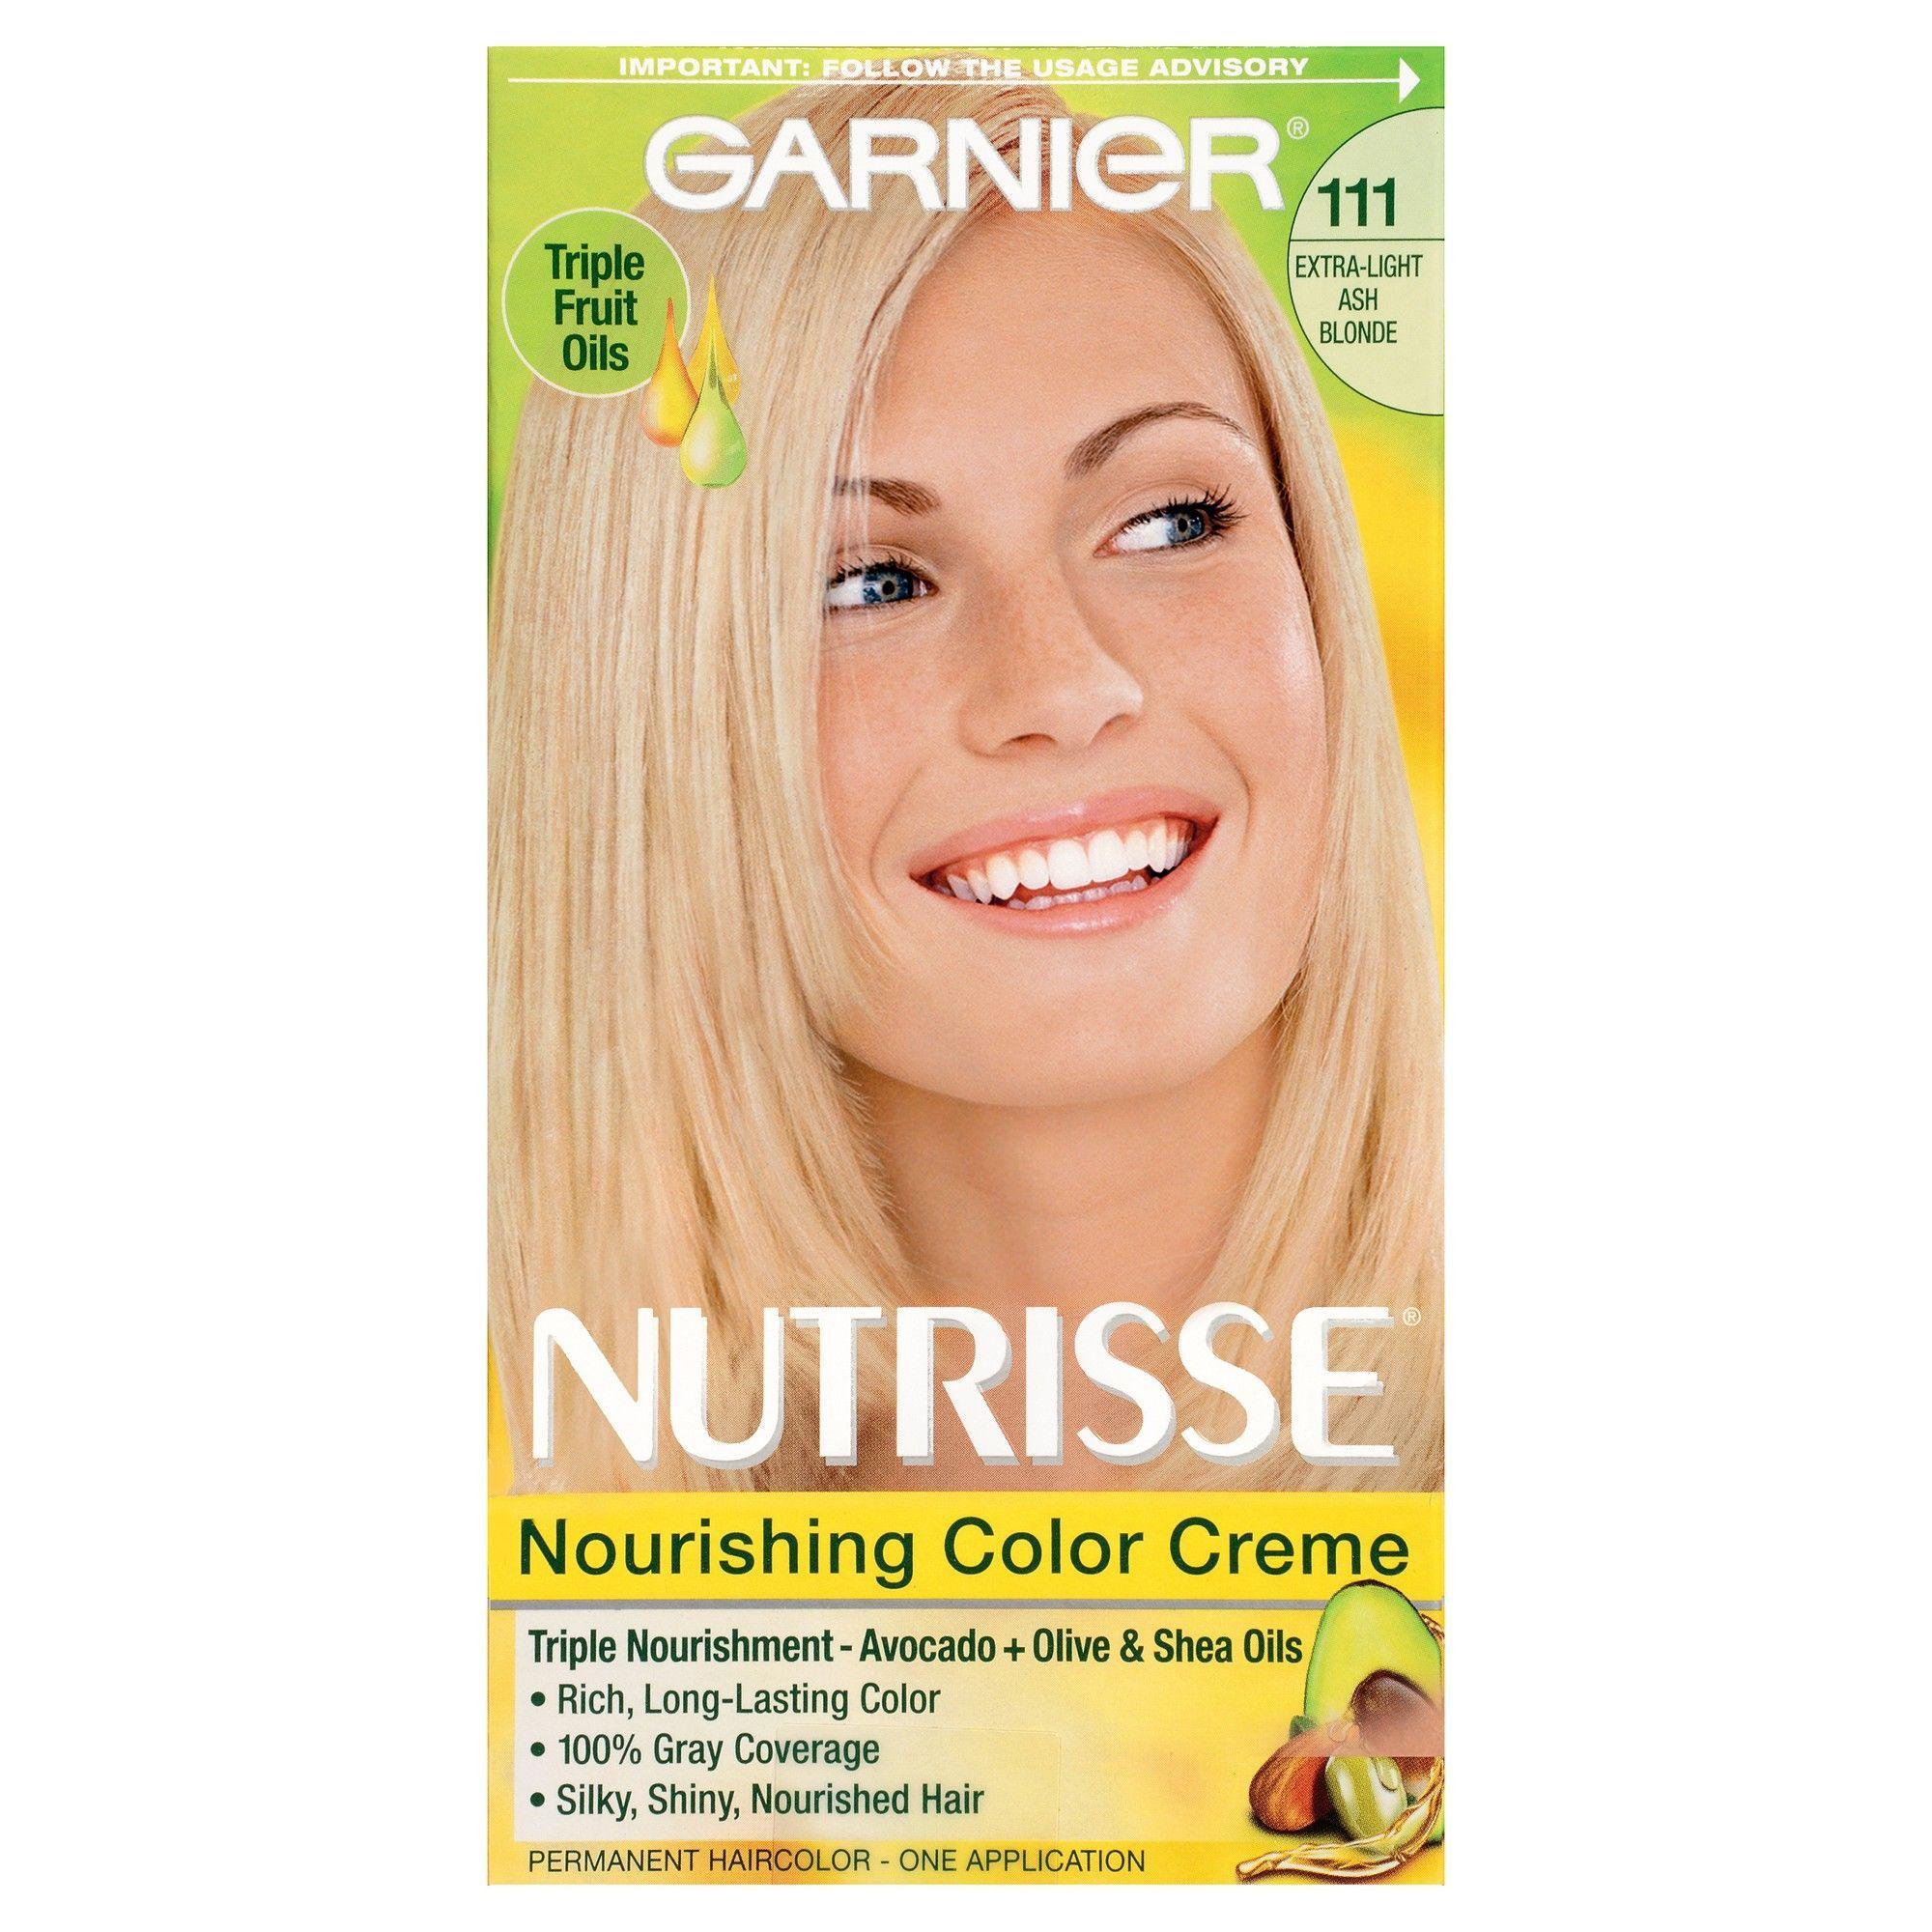 Garnier Nutrisse Nourishing Color Creme 111 Extra Light Ash Blonde